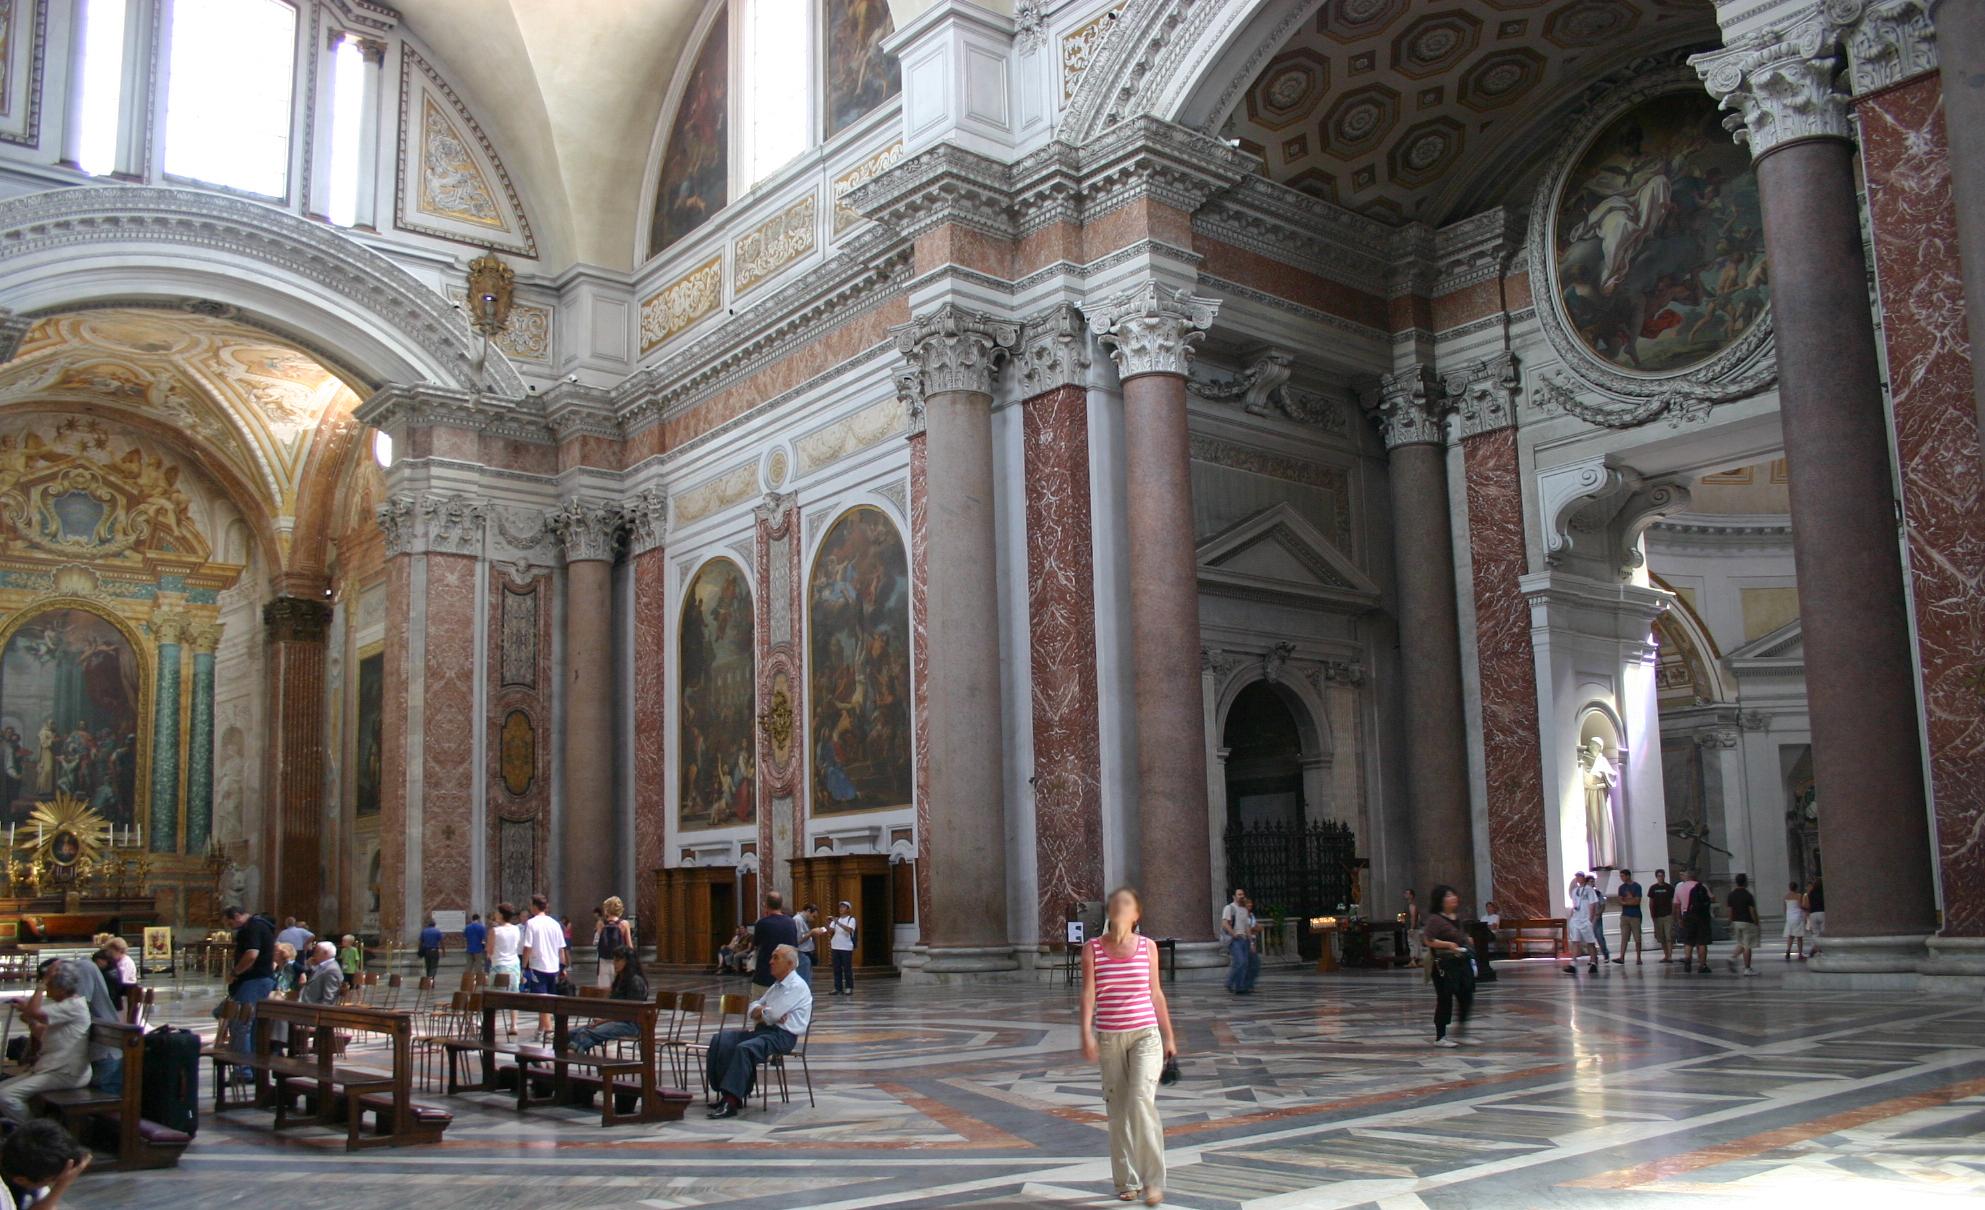 Design Degli Interni Roma file:3221 - roma - santa maria degli angeli - interno - foto